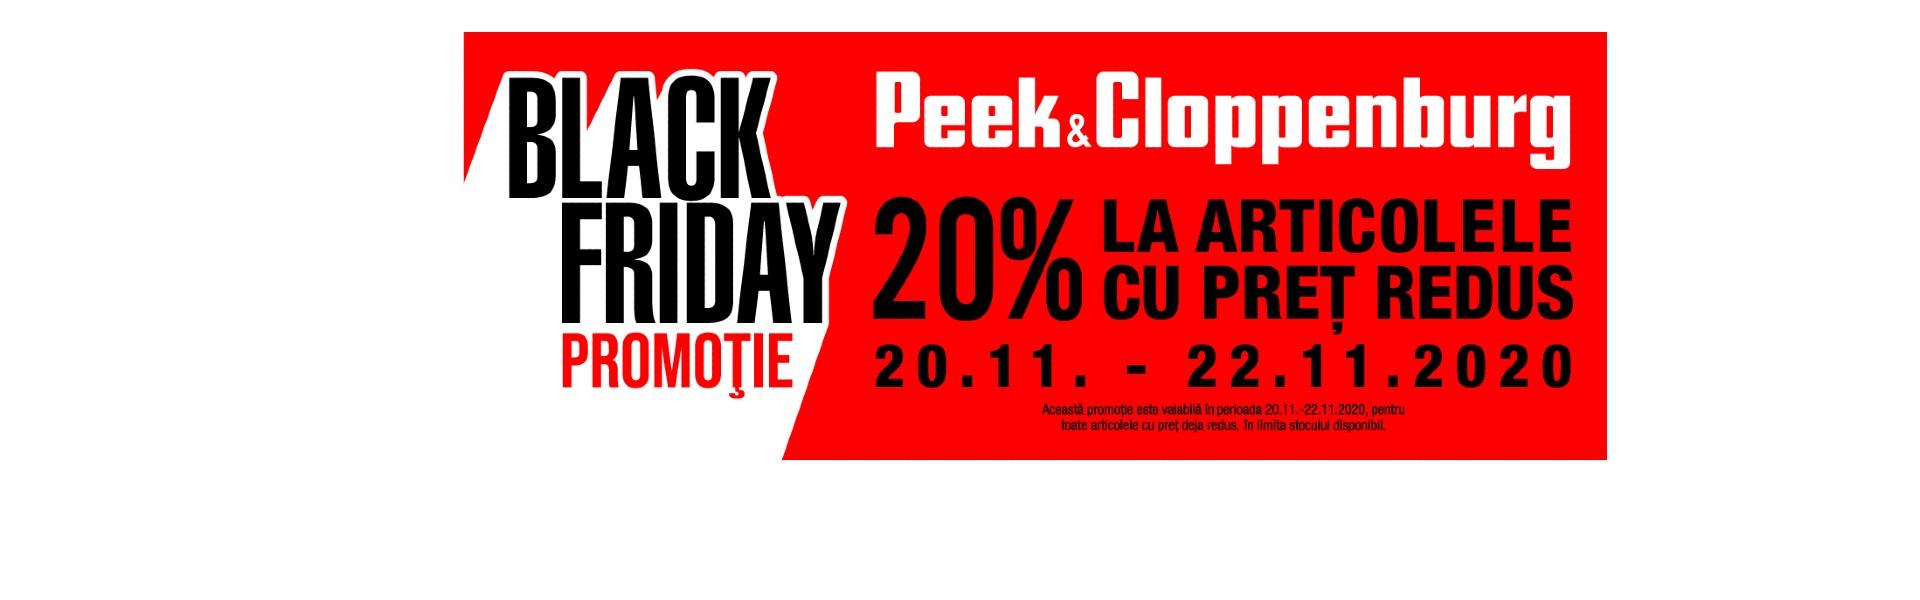 Black Friday Peek Und Cloppenburg